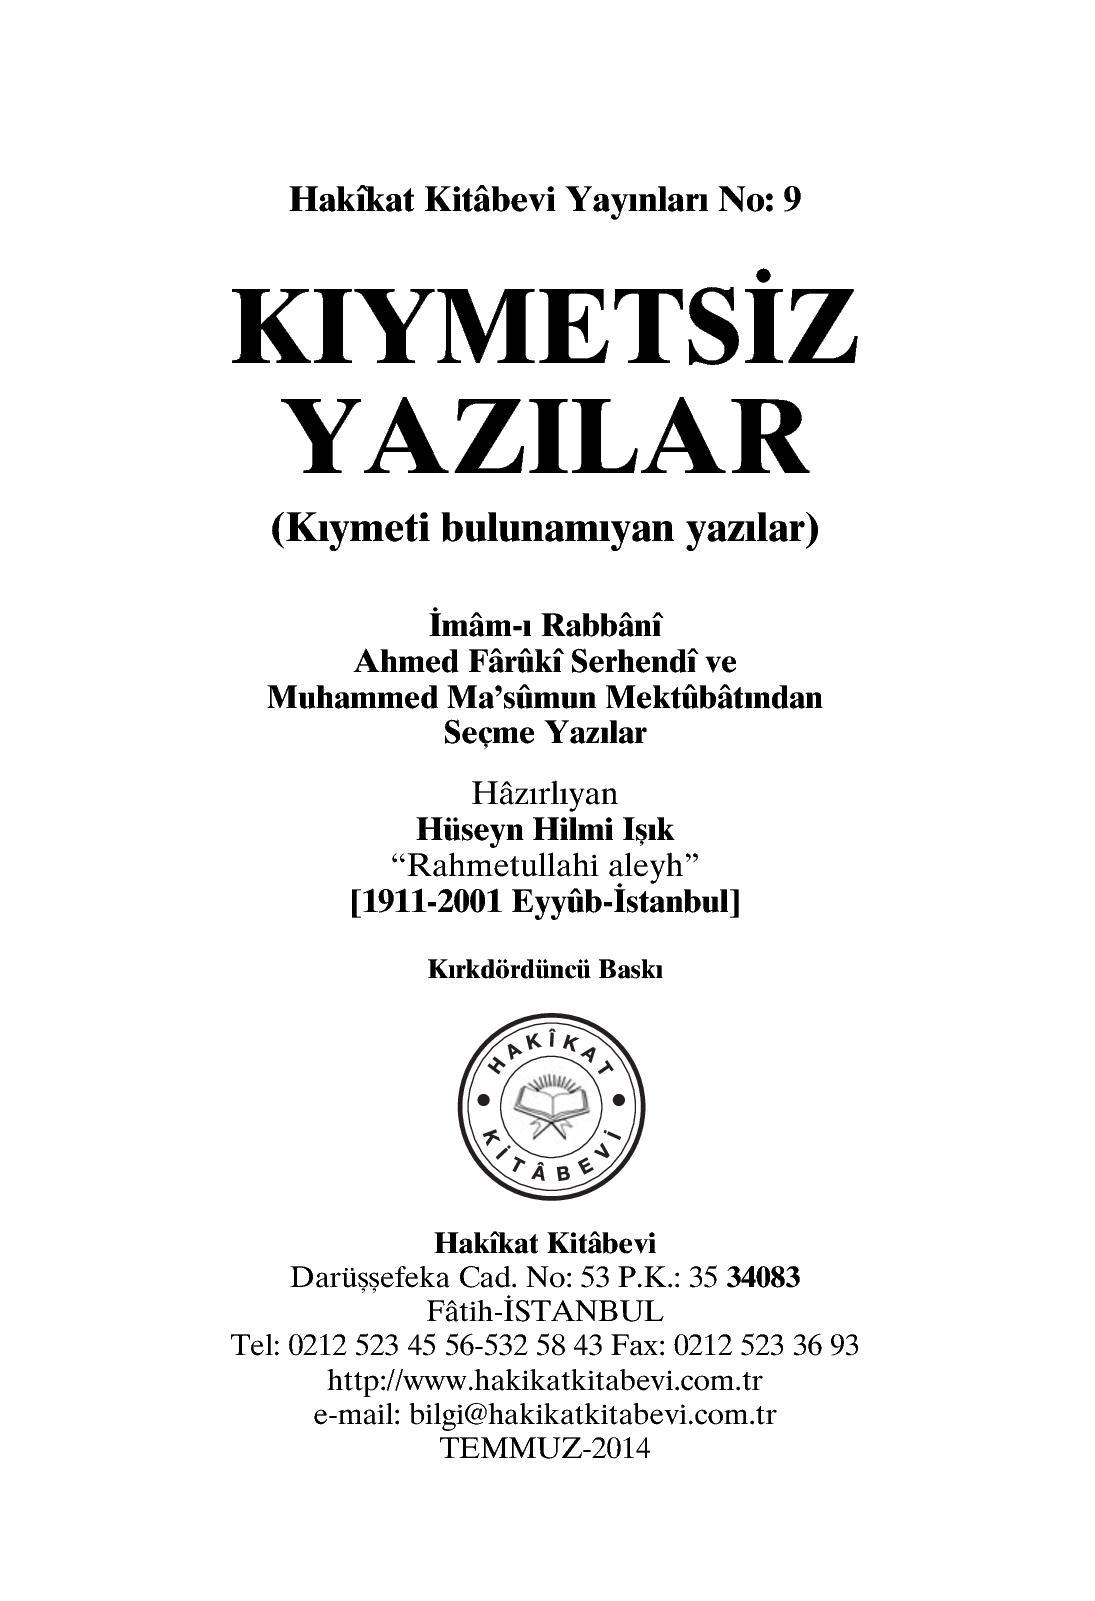 Calameo Kiymetsiz Yazilar Imami Rabbani Ahmed Faruki Serhendi Hz Ve Muhammed Masum Hz Mektubatlarindan Hazirlayan Huseyin Hilmi Isik